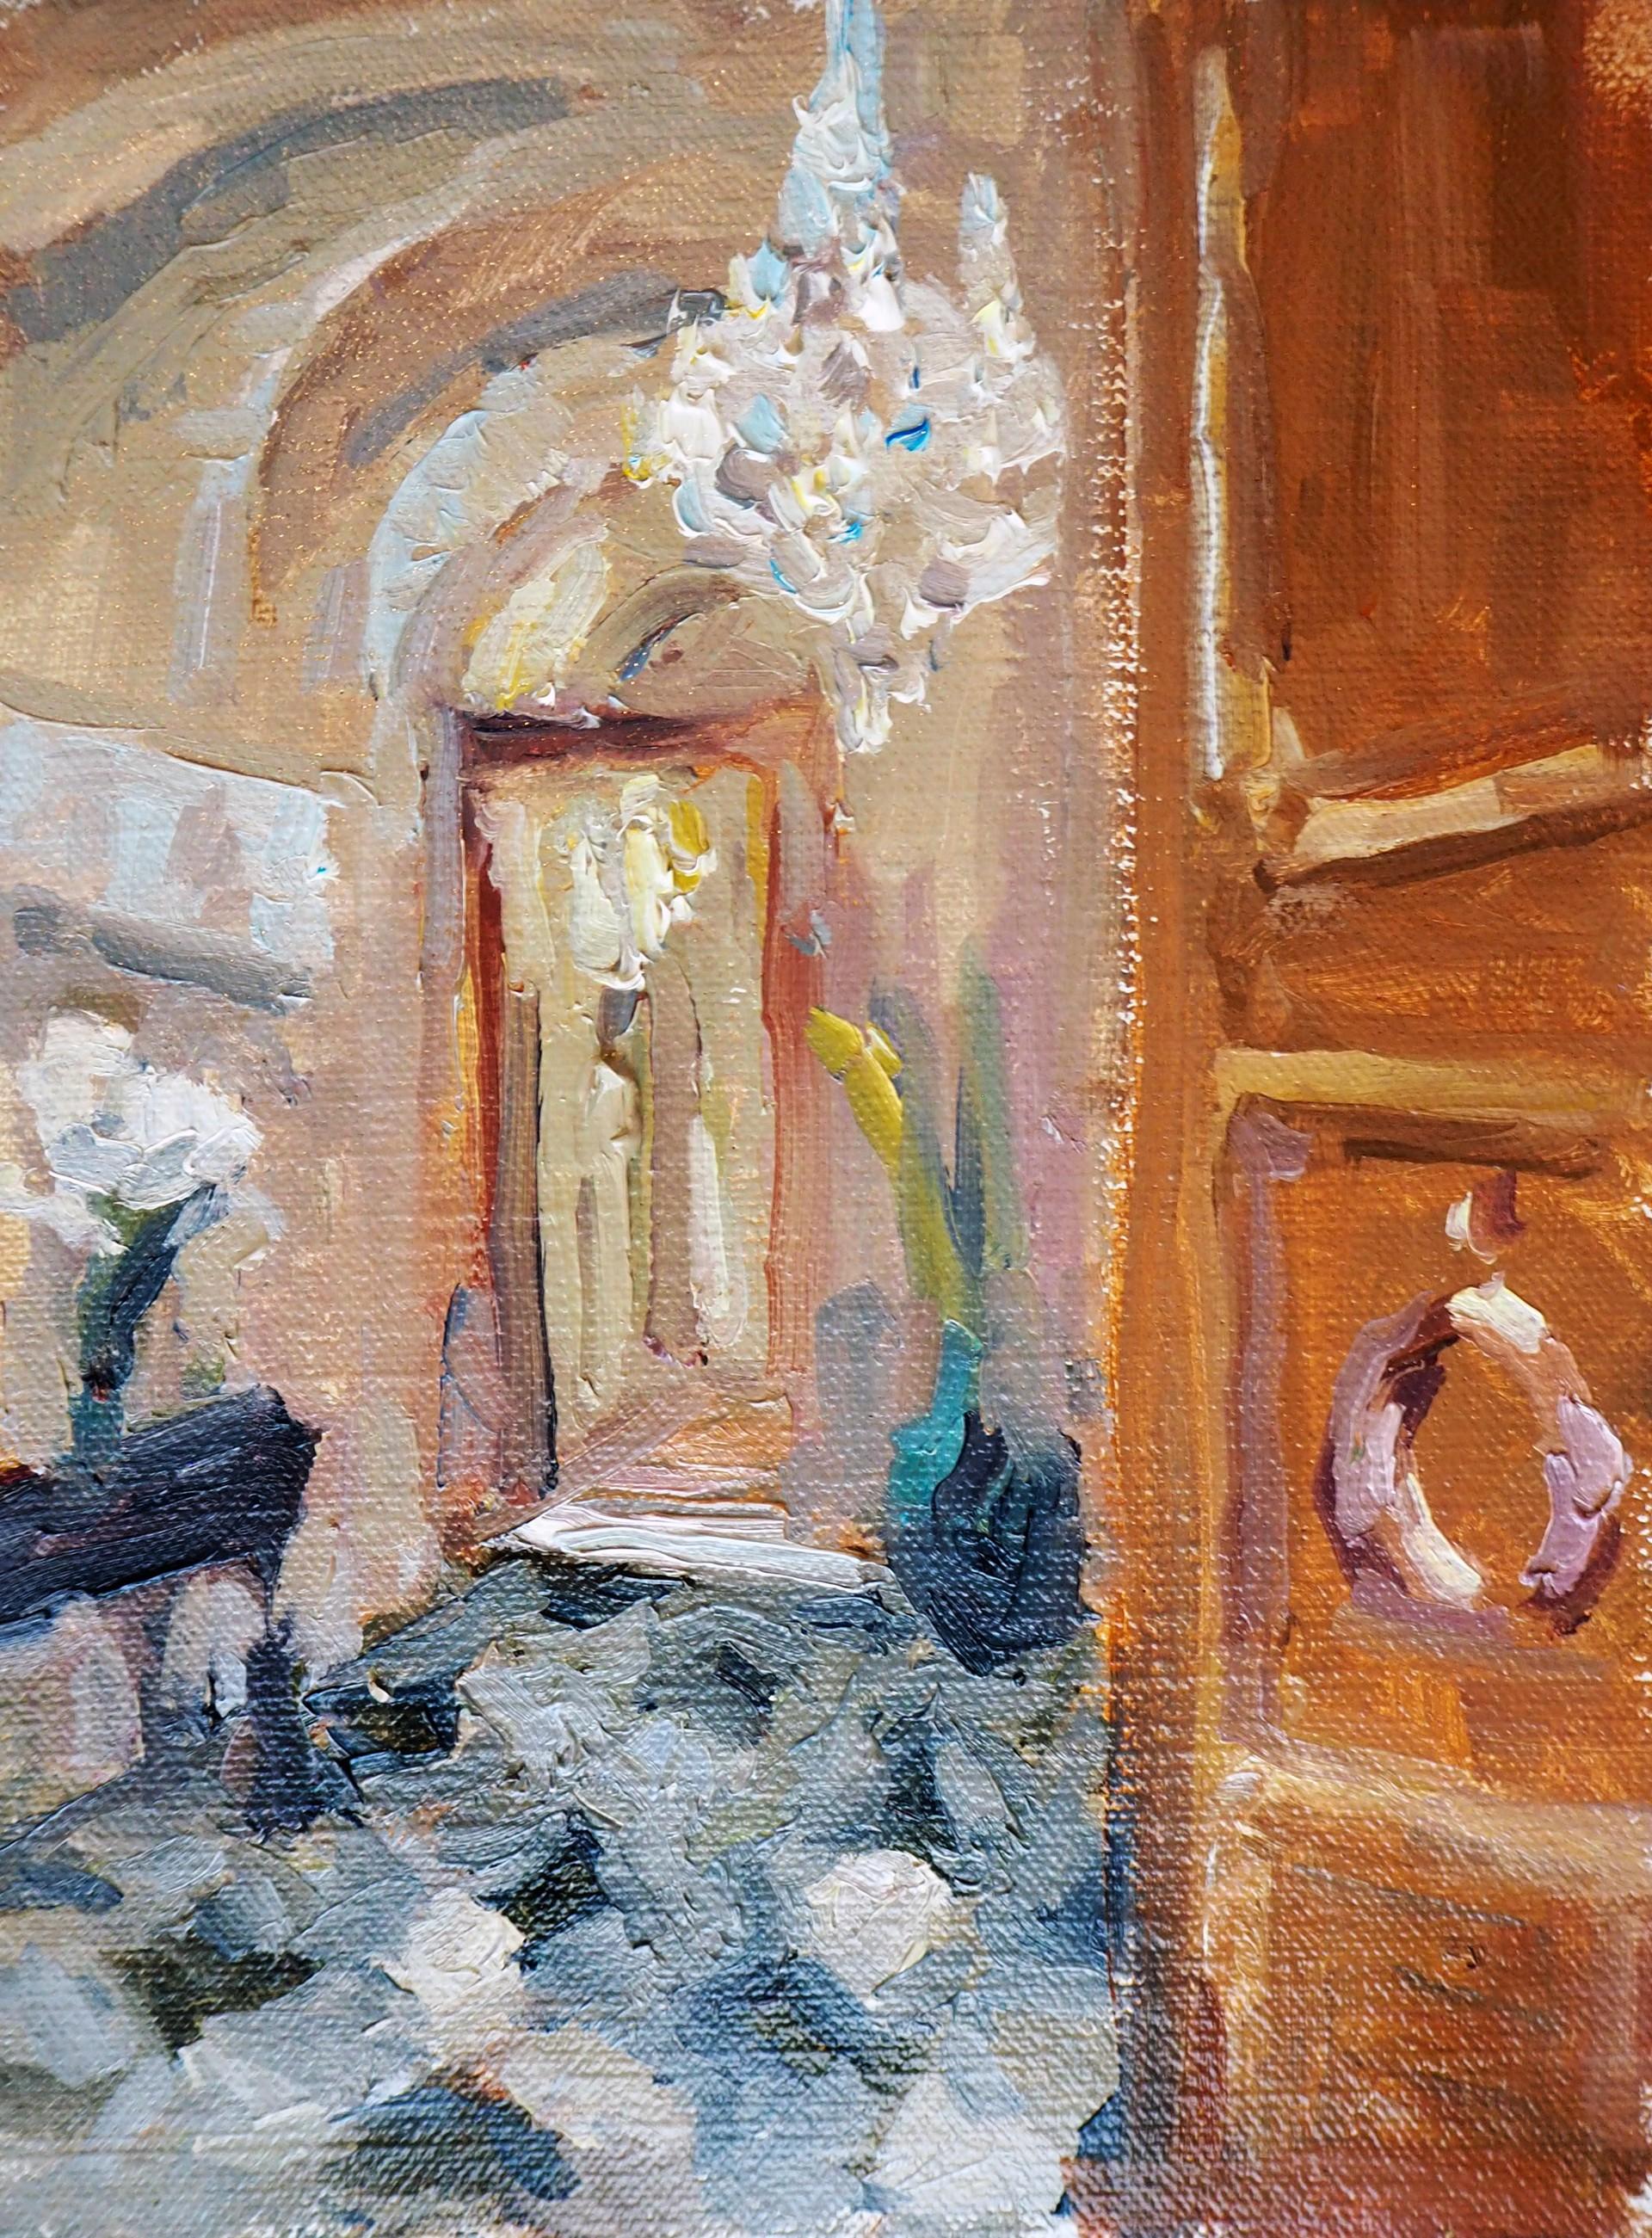 Chandeliers in Spoleto Italy by Karen Hewitt Hagan